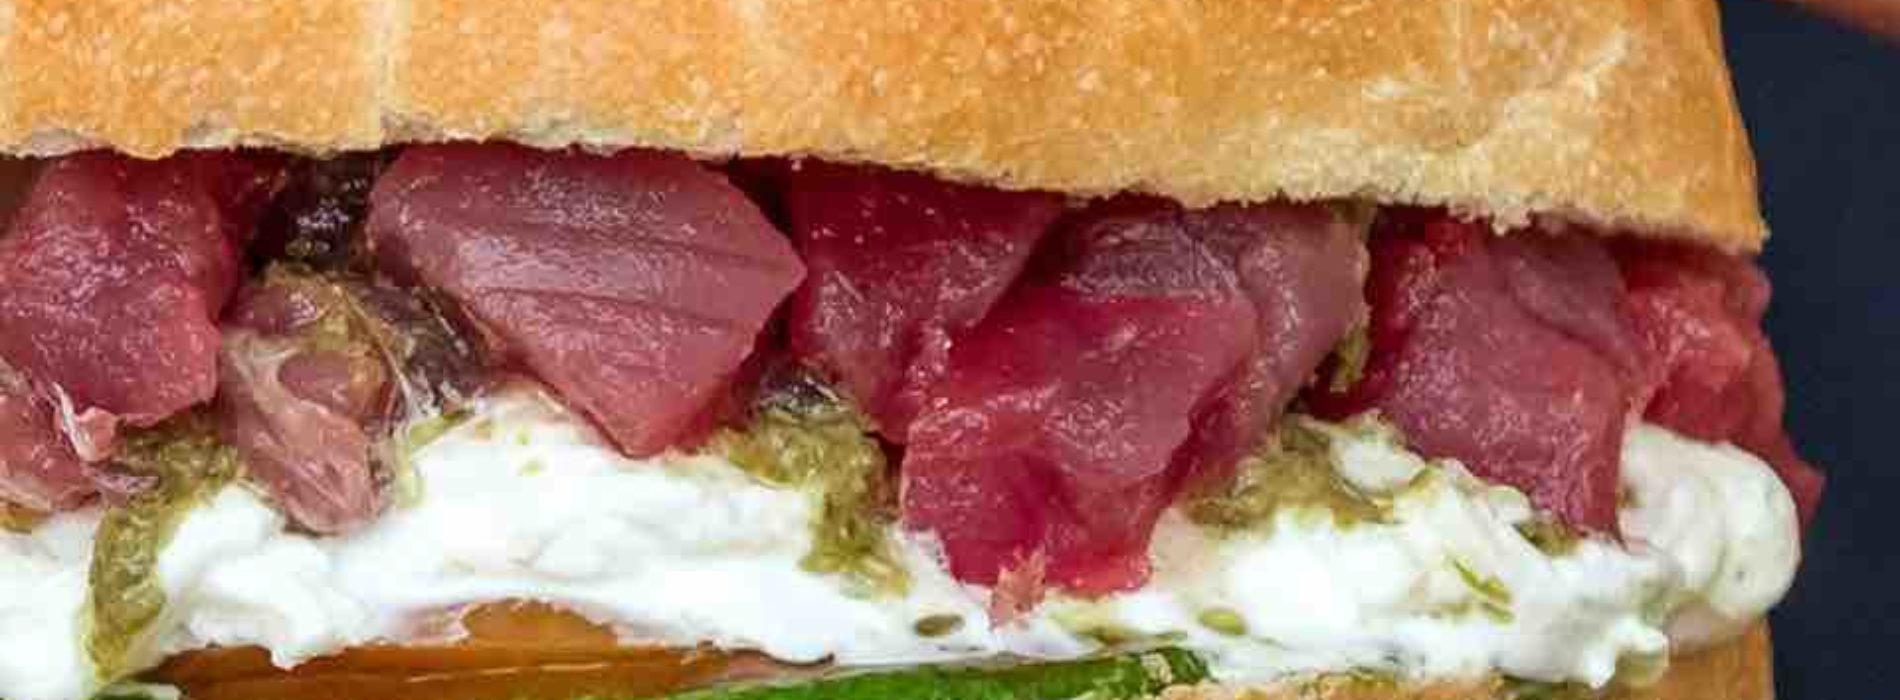 Pescaria Roma, finisce la lunga attesa per i panini di pesce di Polignano a Mare (e Milano)